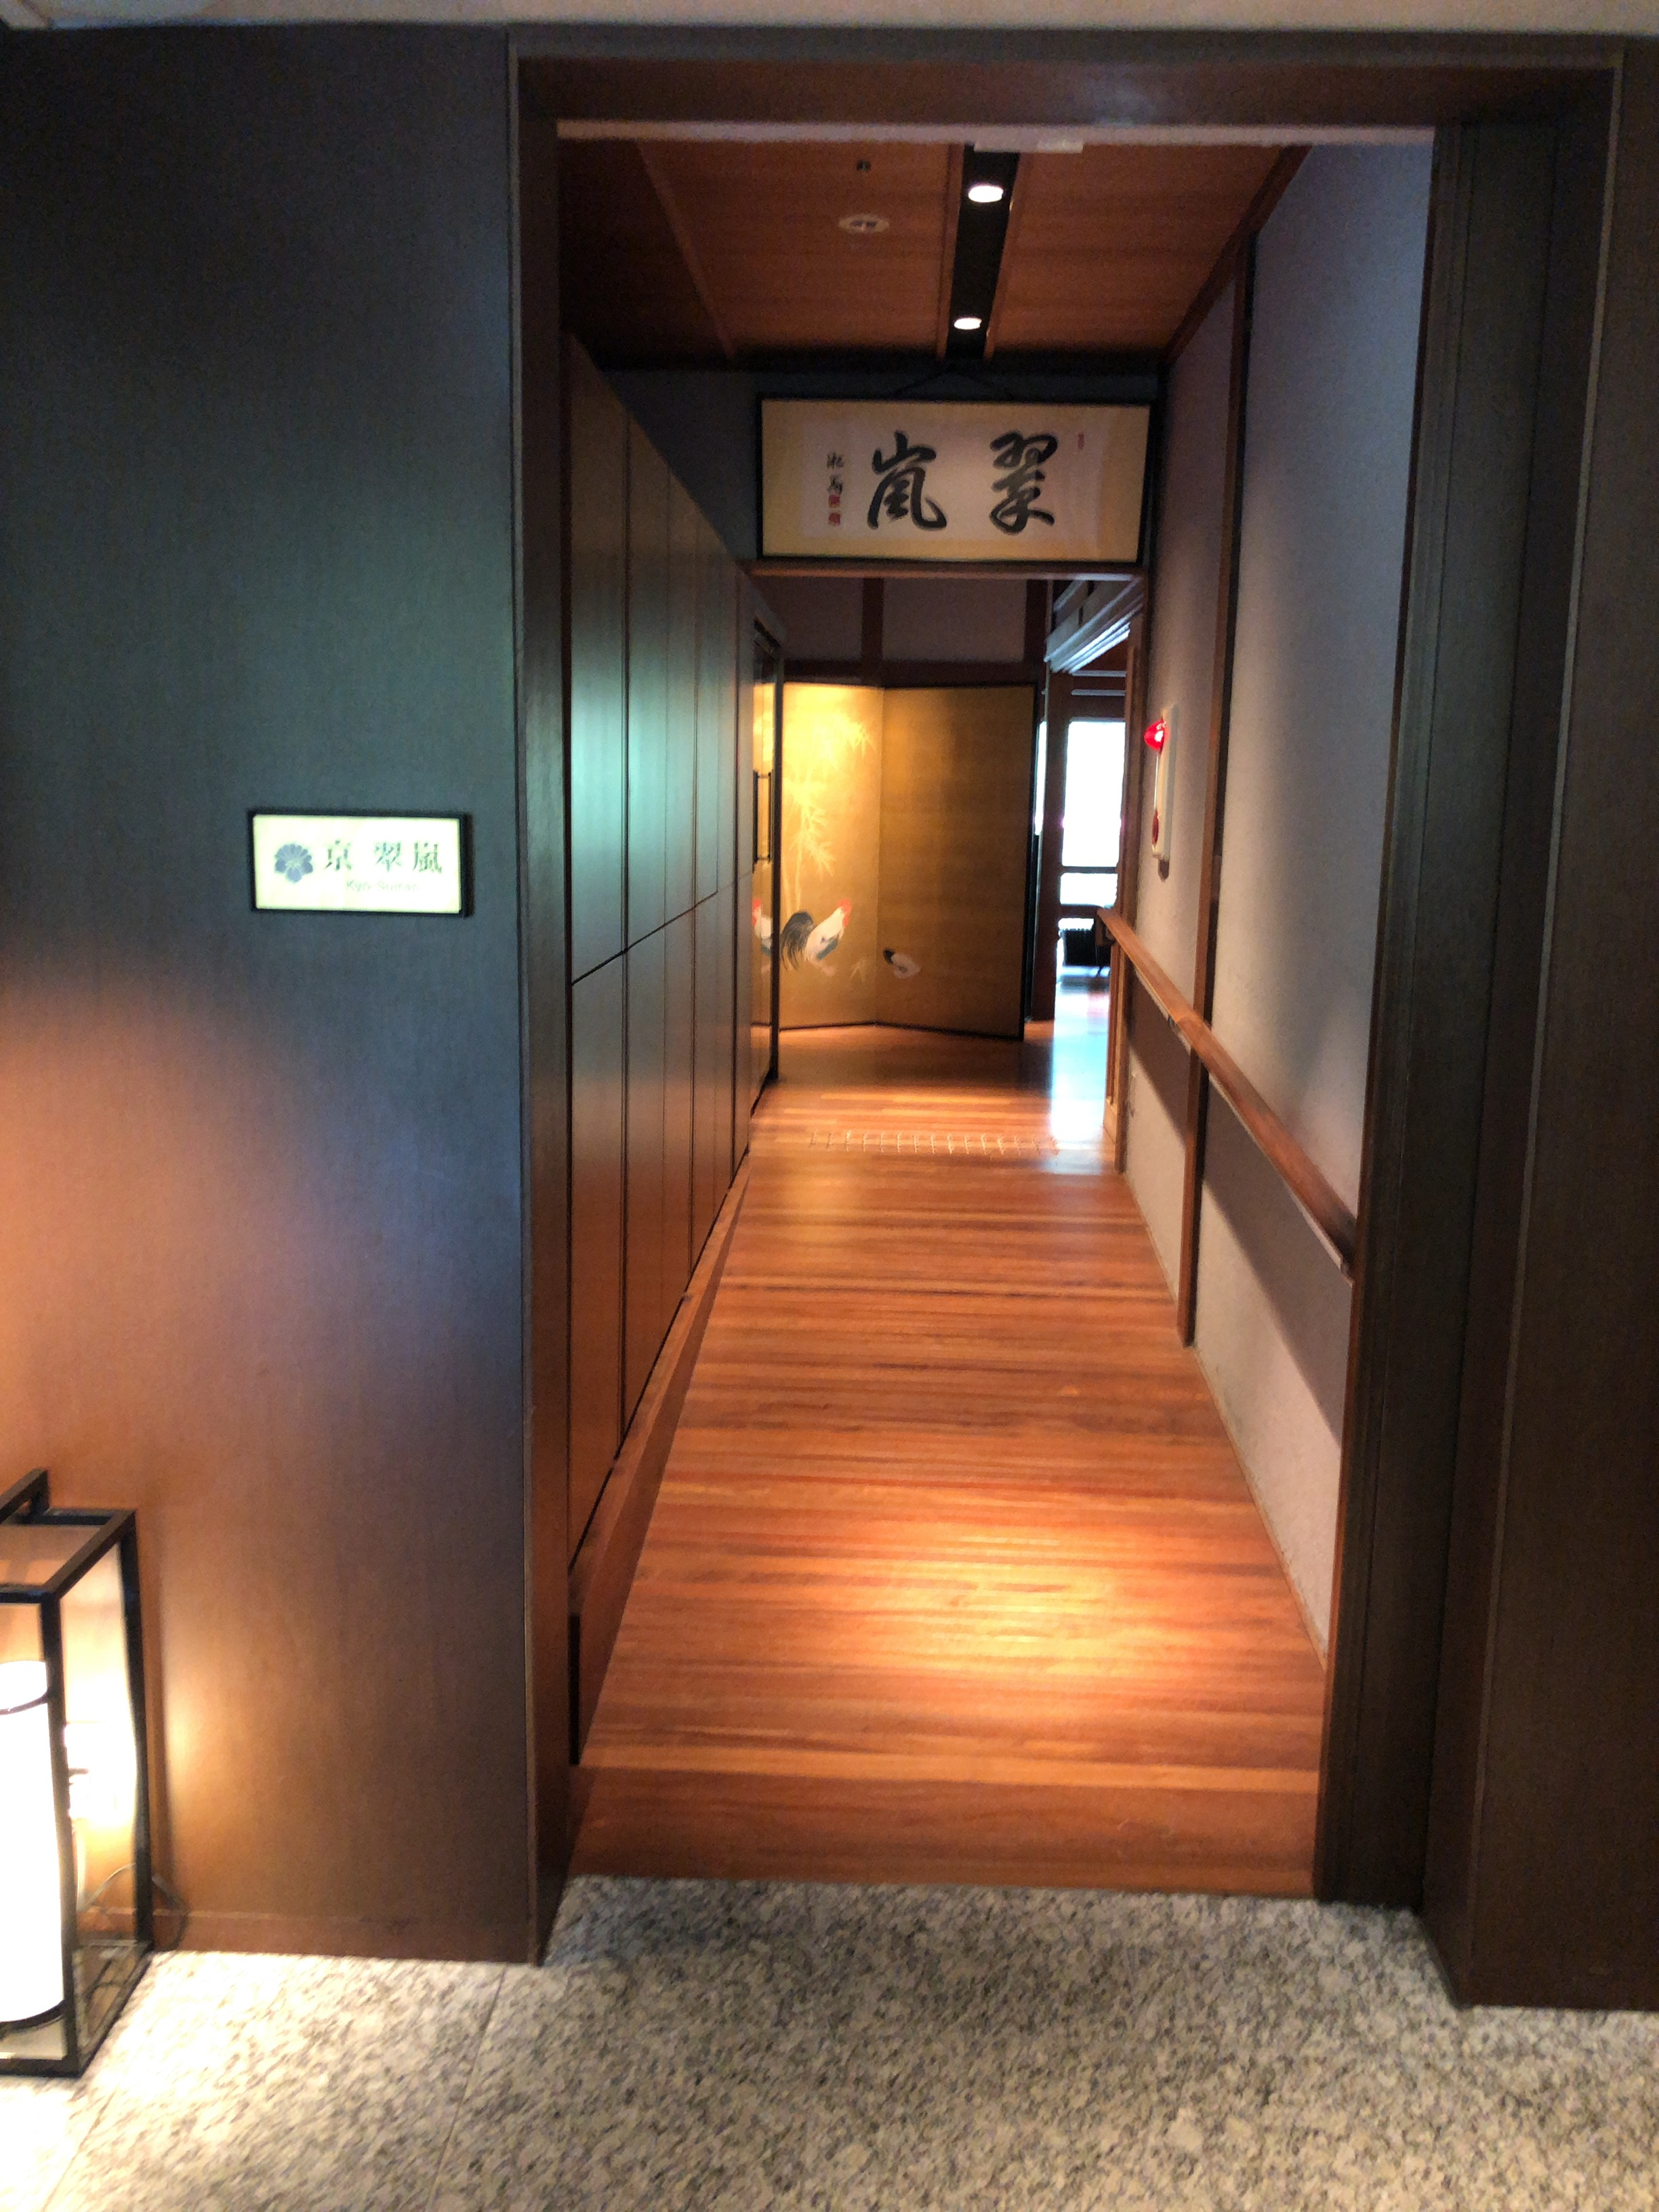 翠嵐のレストラン入口